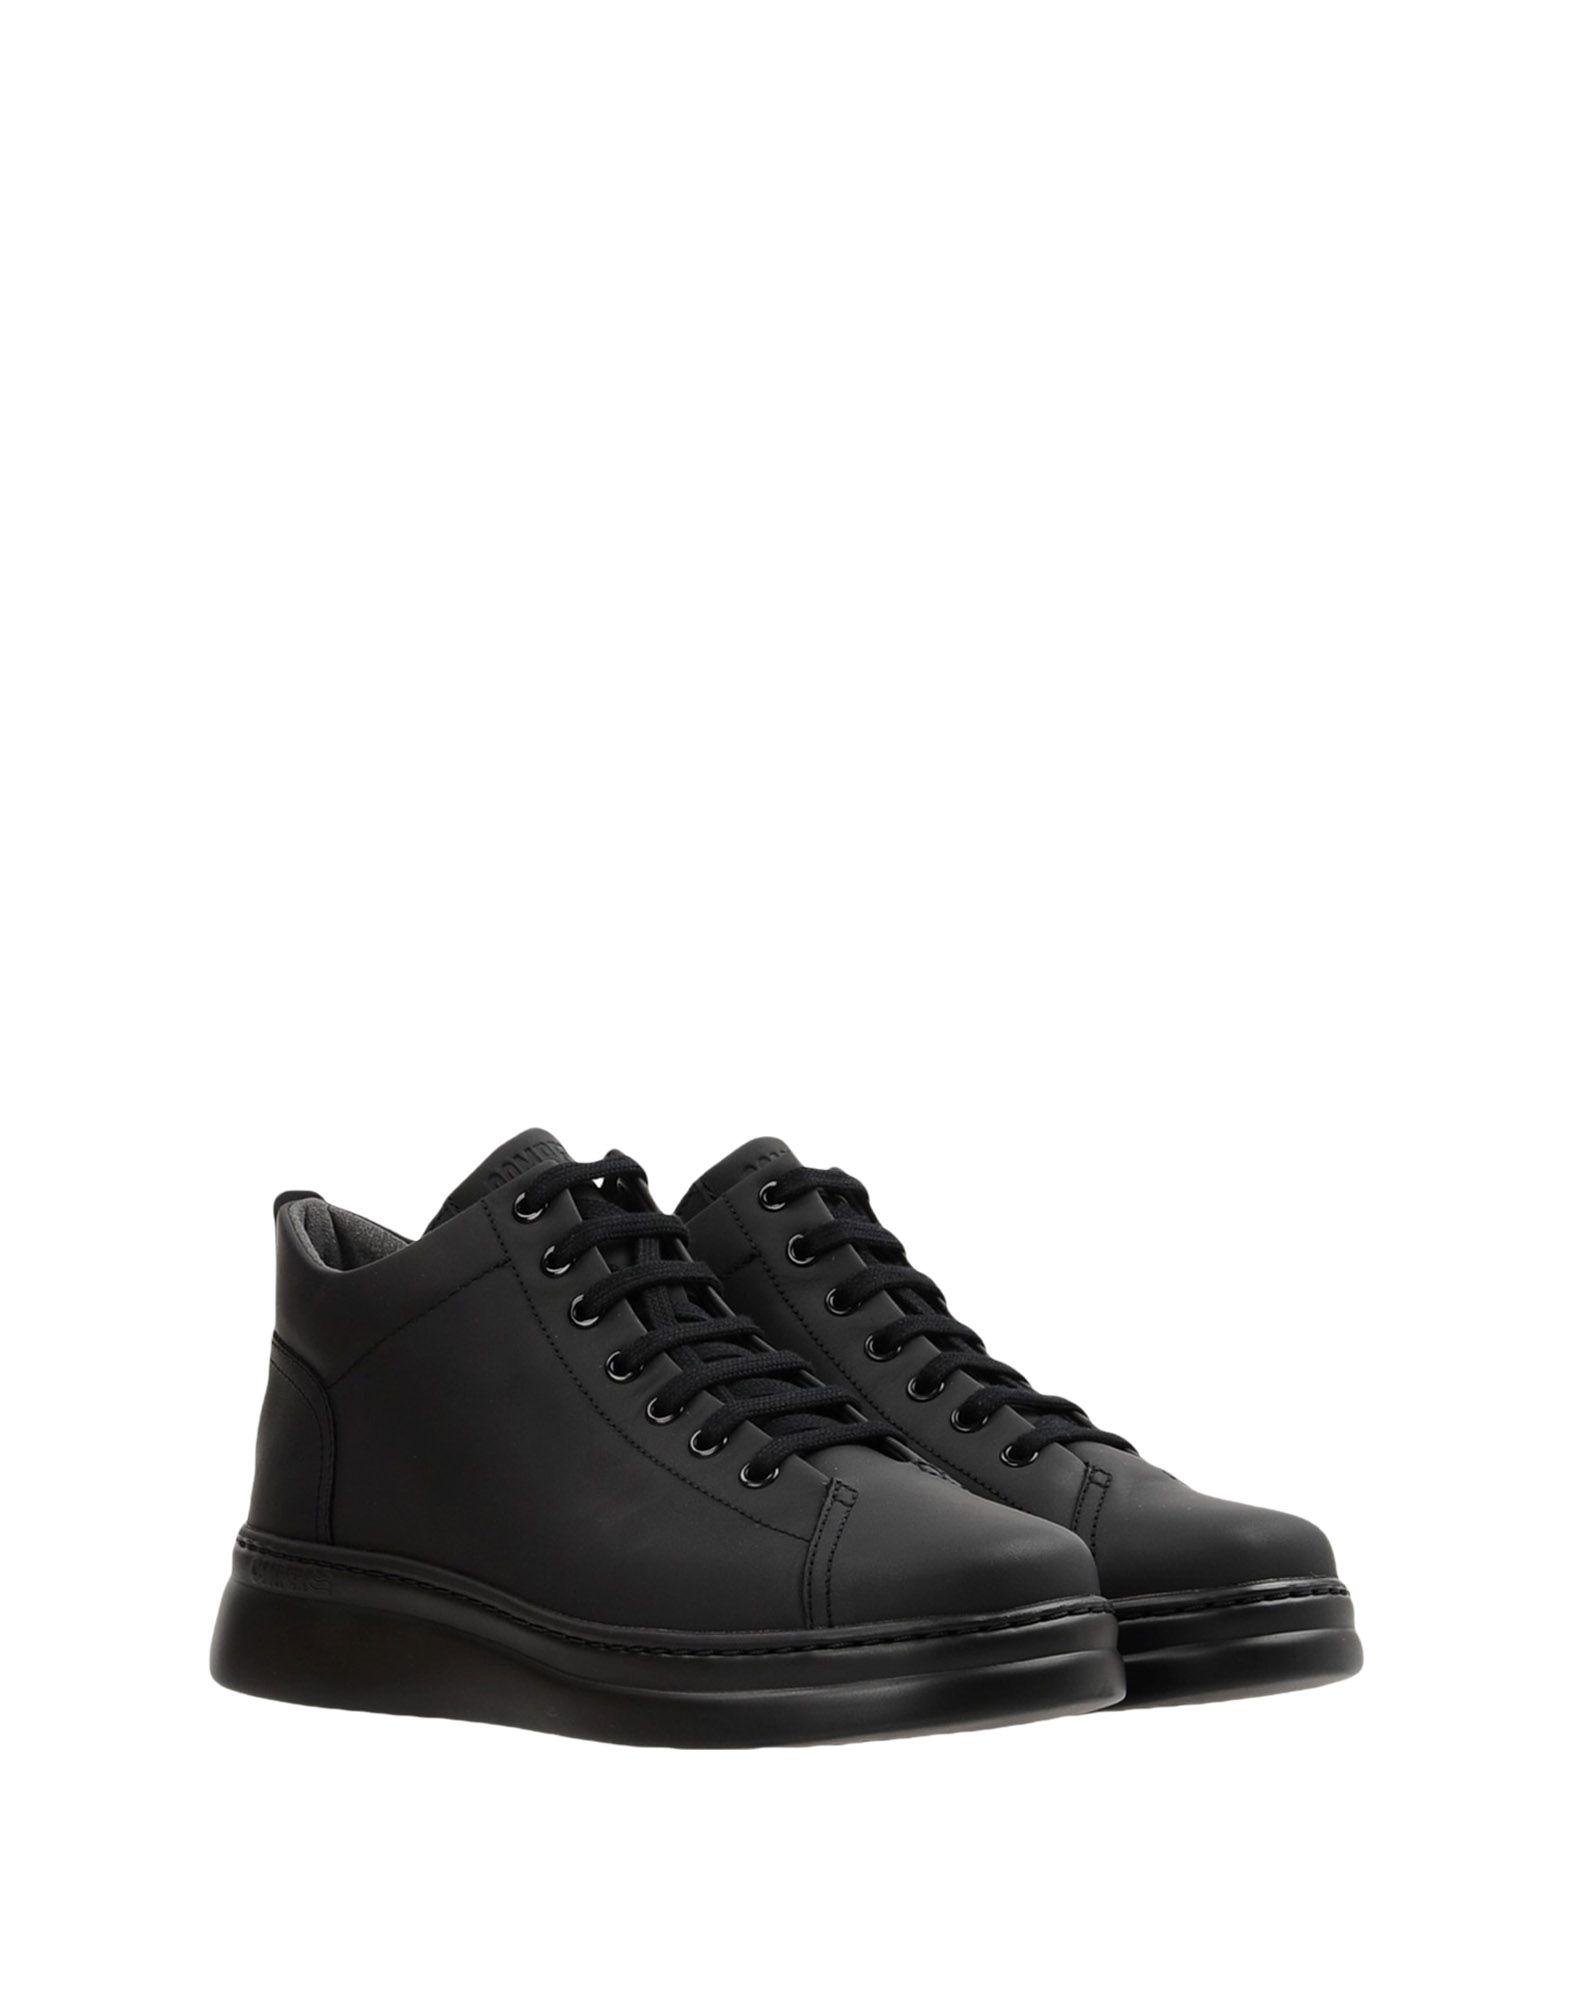 Camper Sneakers - Women Camper Sneakers online on    United Kingdom - 11356459AP 24f605